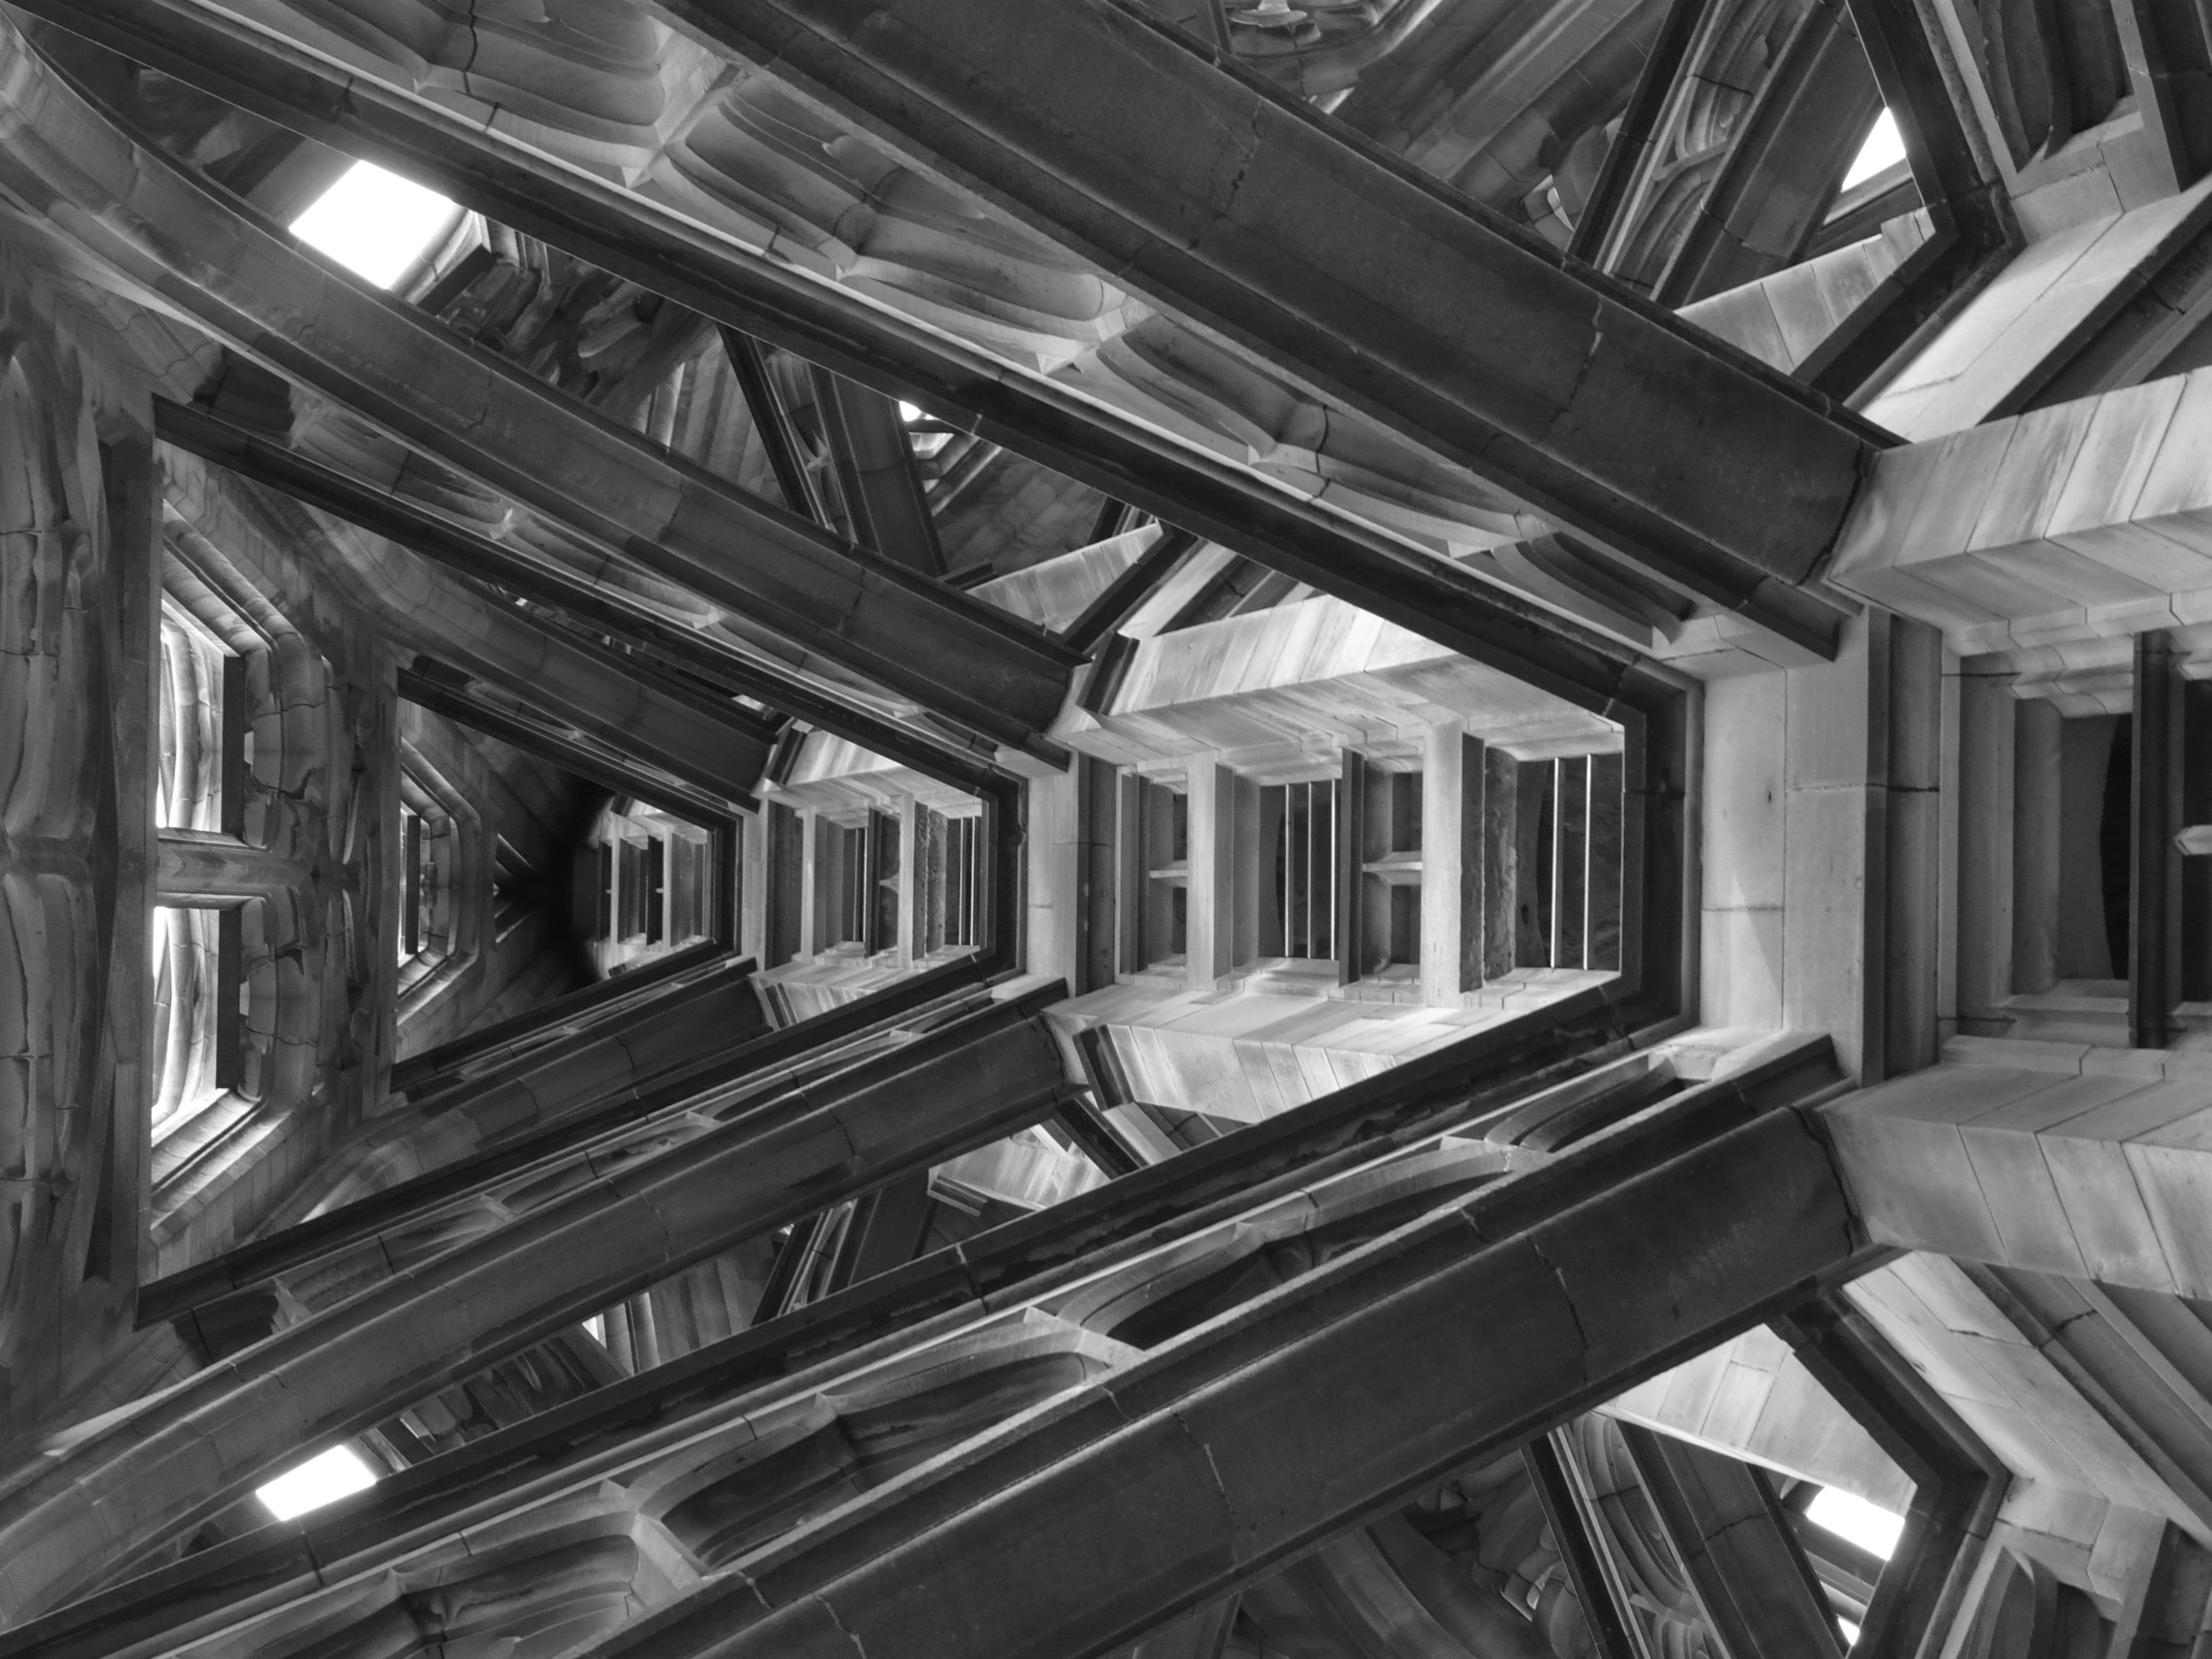 Innenarchitektur Münster kostenlose foto schwarz und weiß die architektur weiß fenster